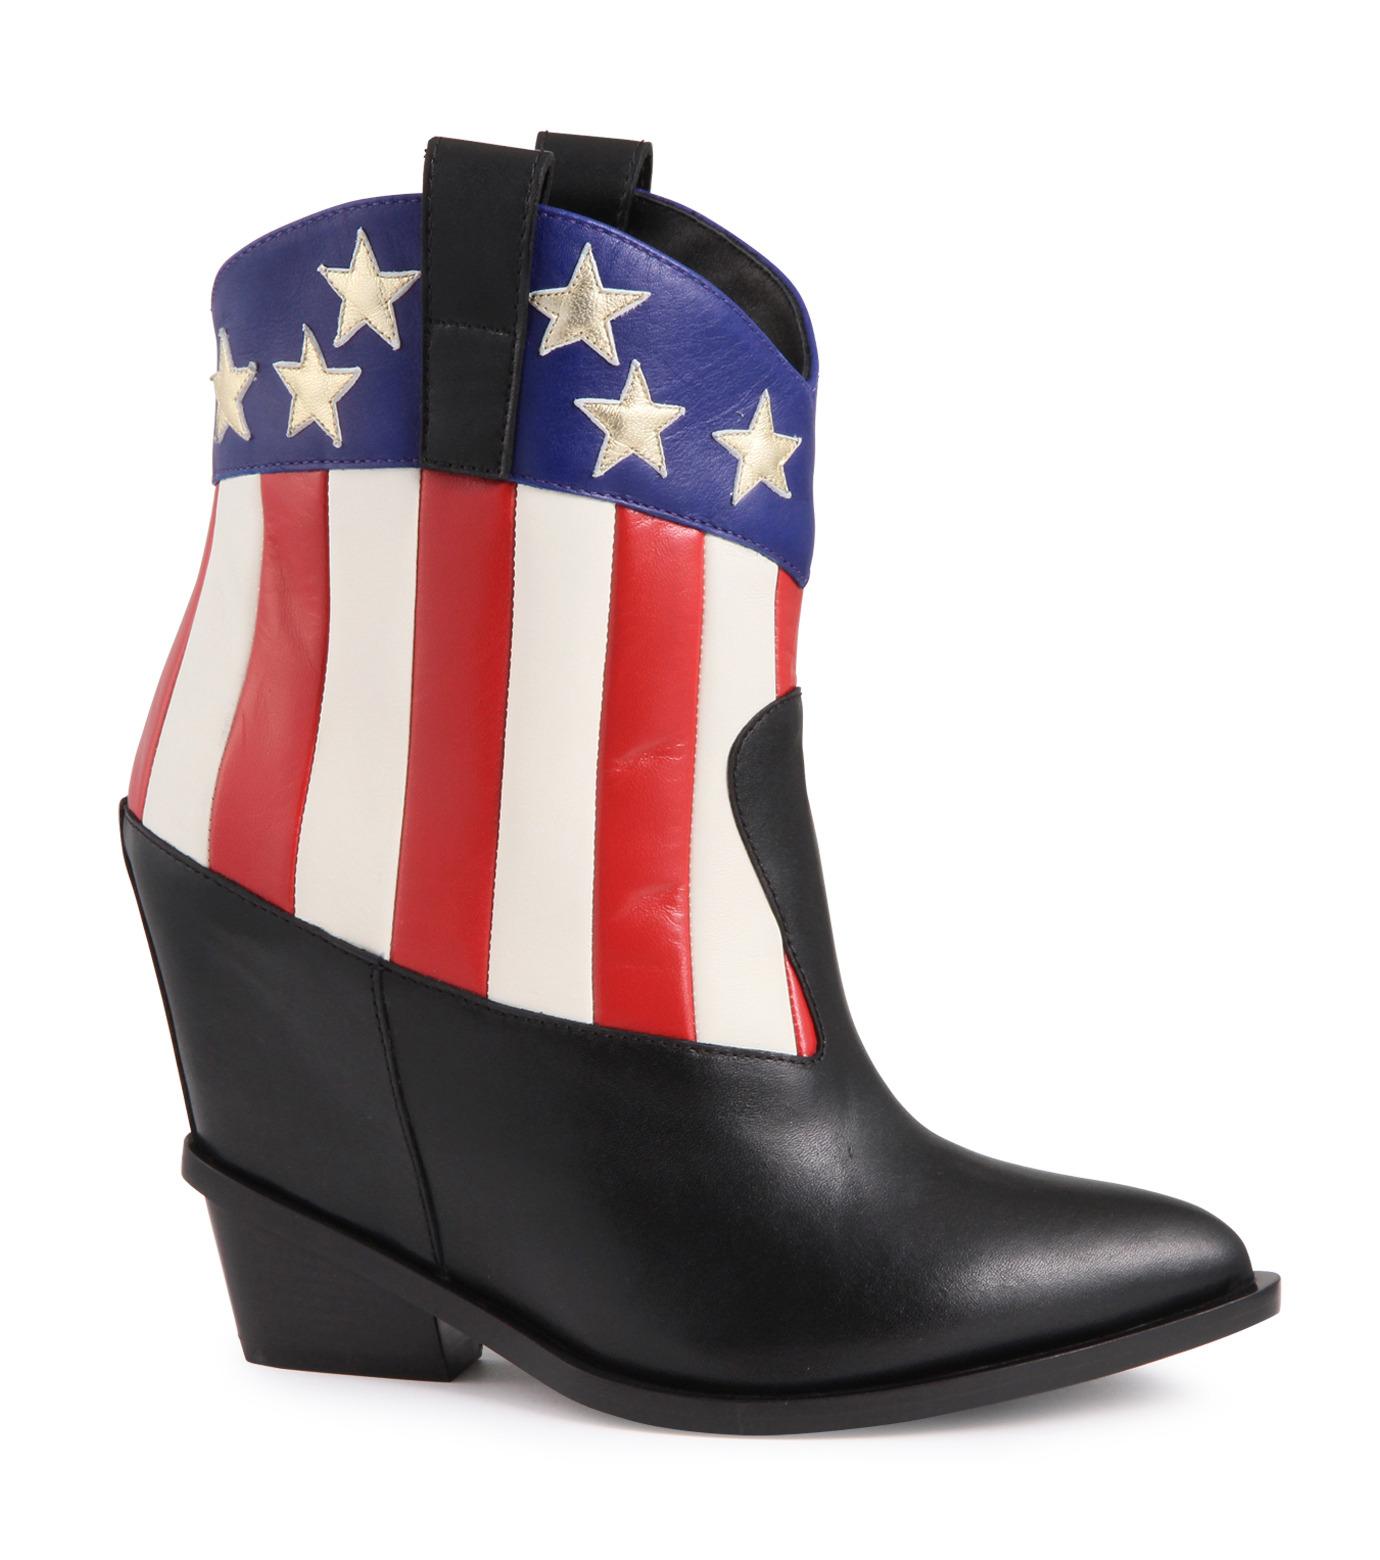 Giuseppe Zanotti Design(ジュゼッペザノッティ)のAmerican Flag Western Boots-MULTI COLOUR(ブーツ/boots)-E37042-9 拡大詳細画像1